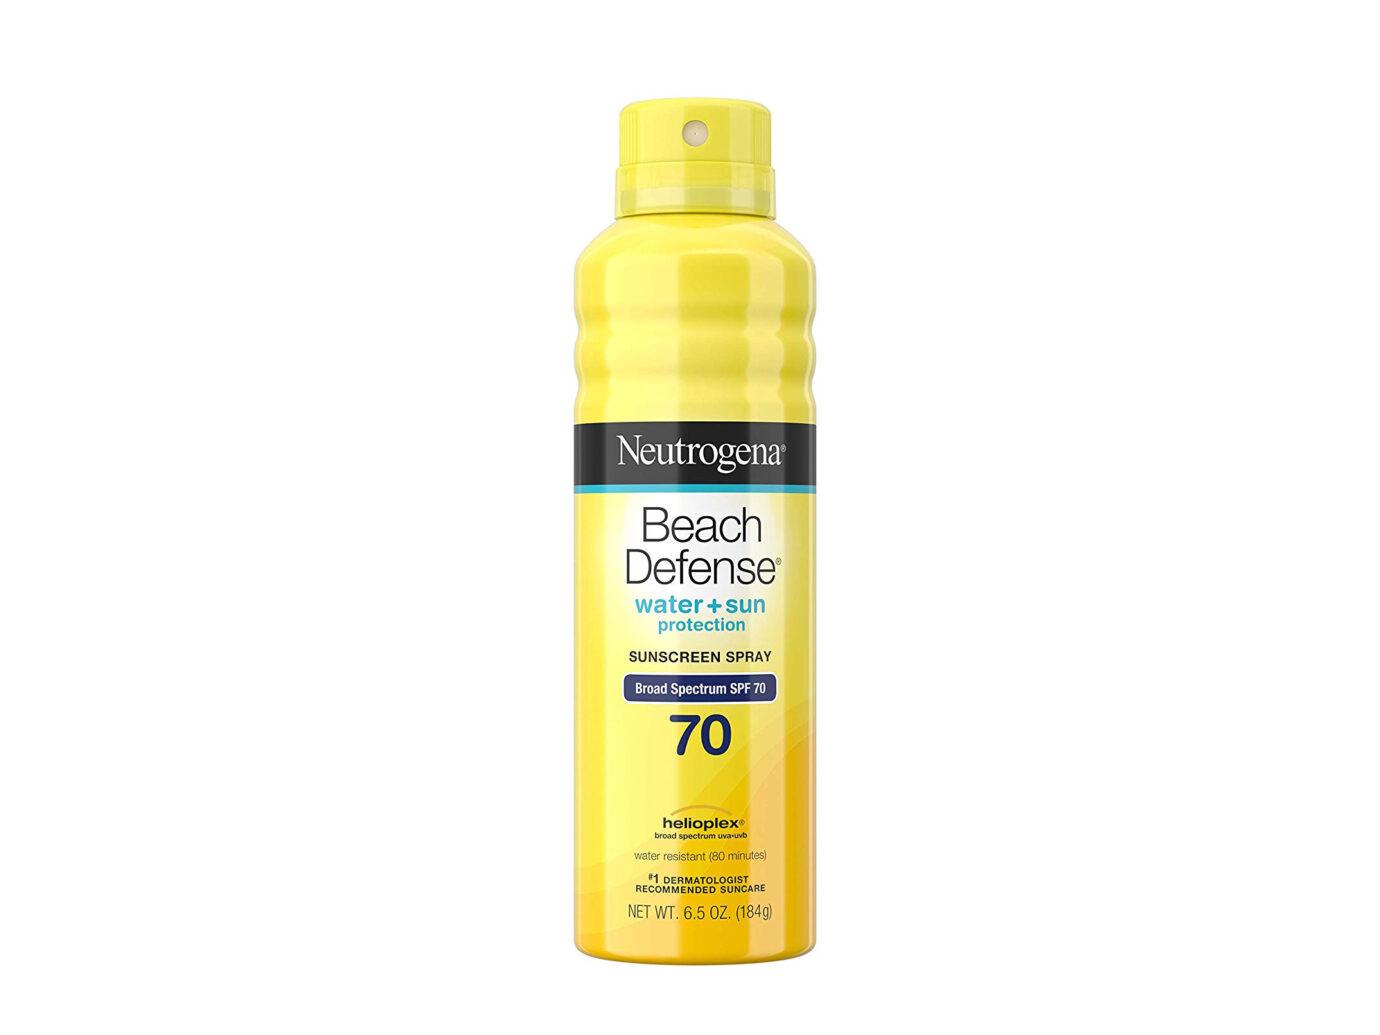 Neutrogena Beach Defense Body Spray Sunscreen